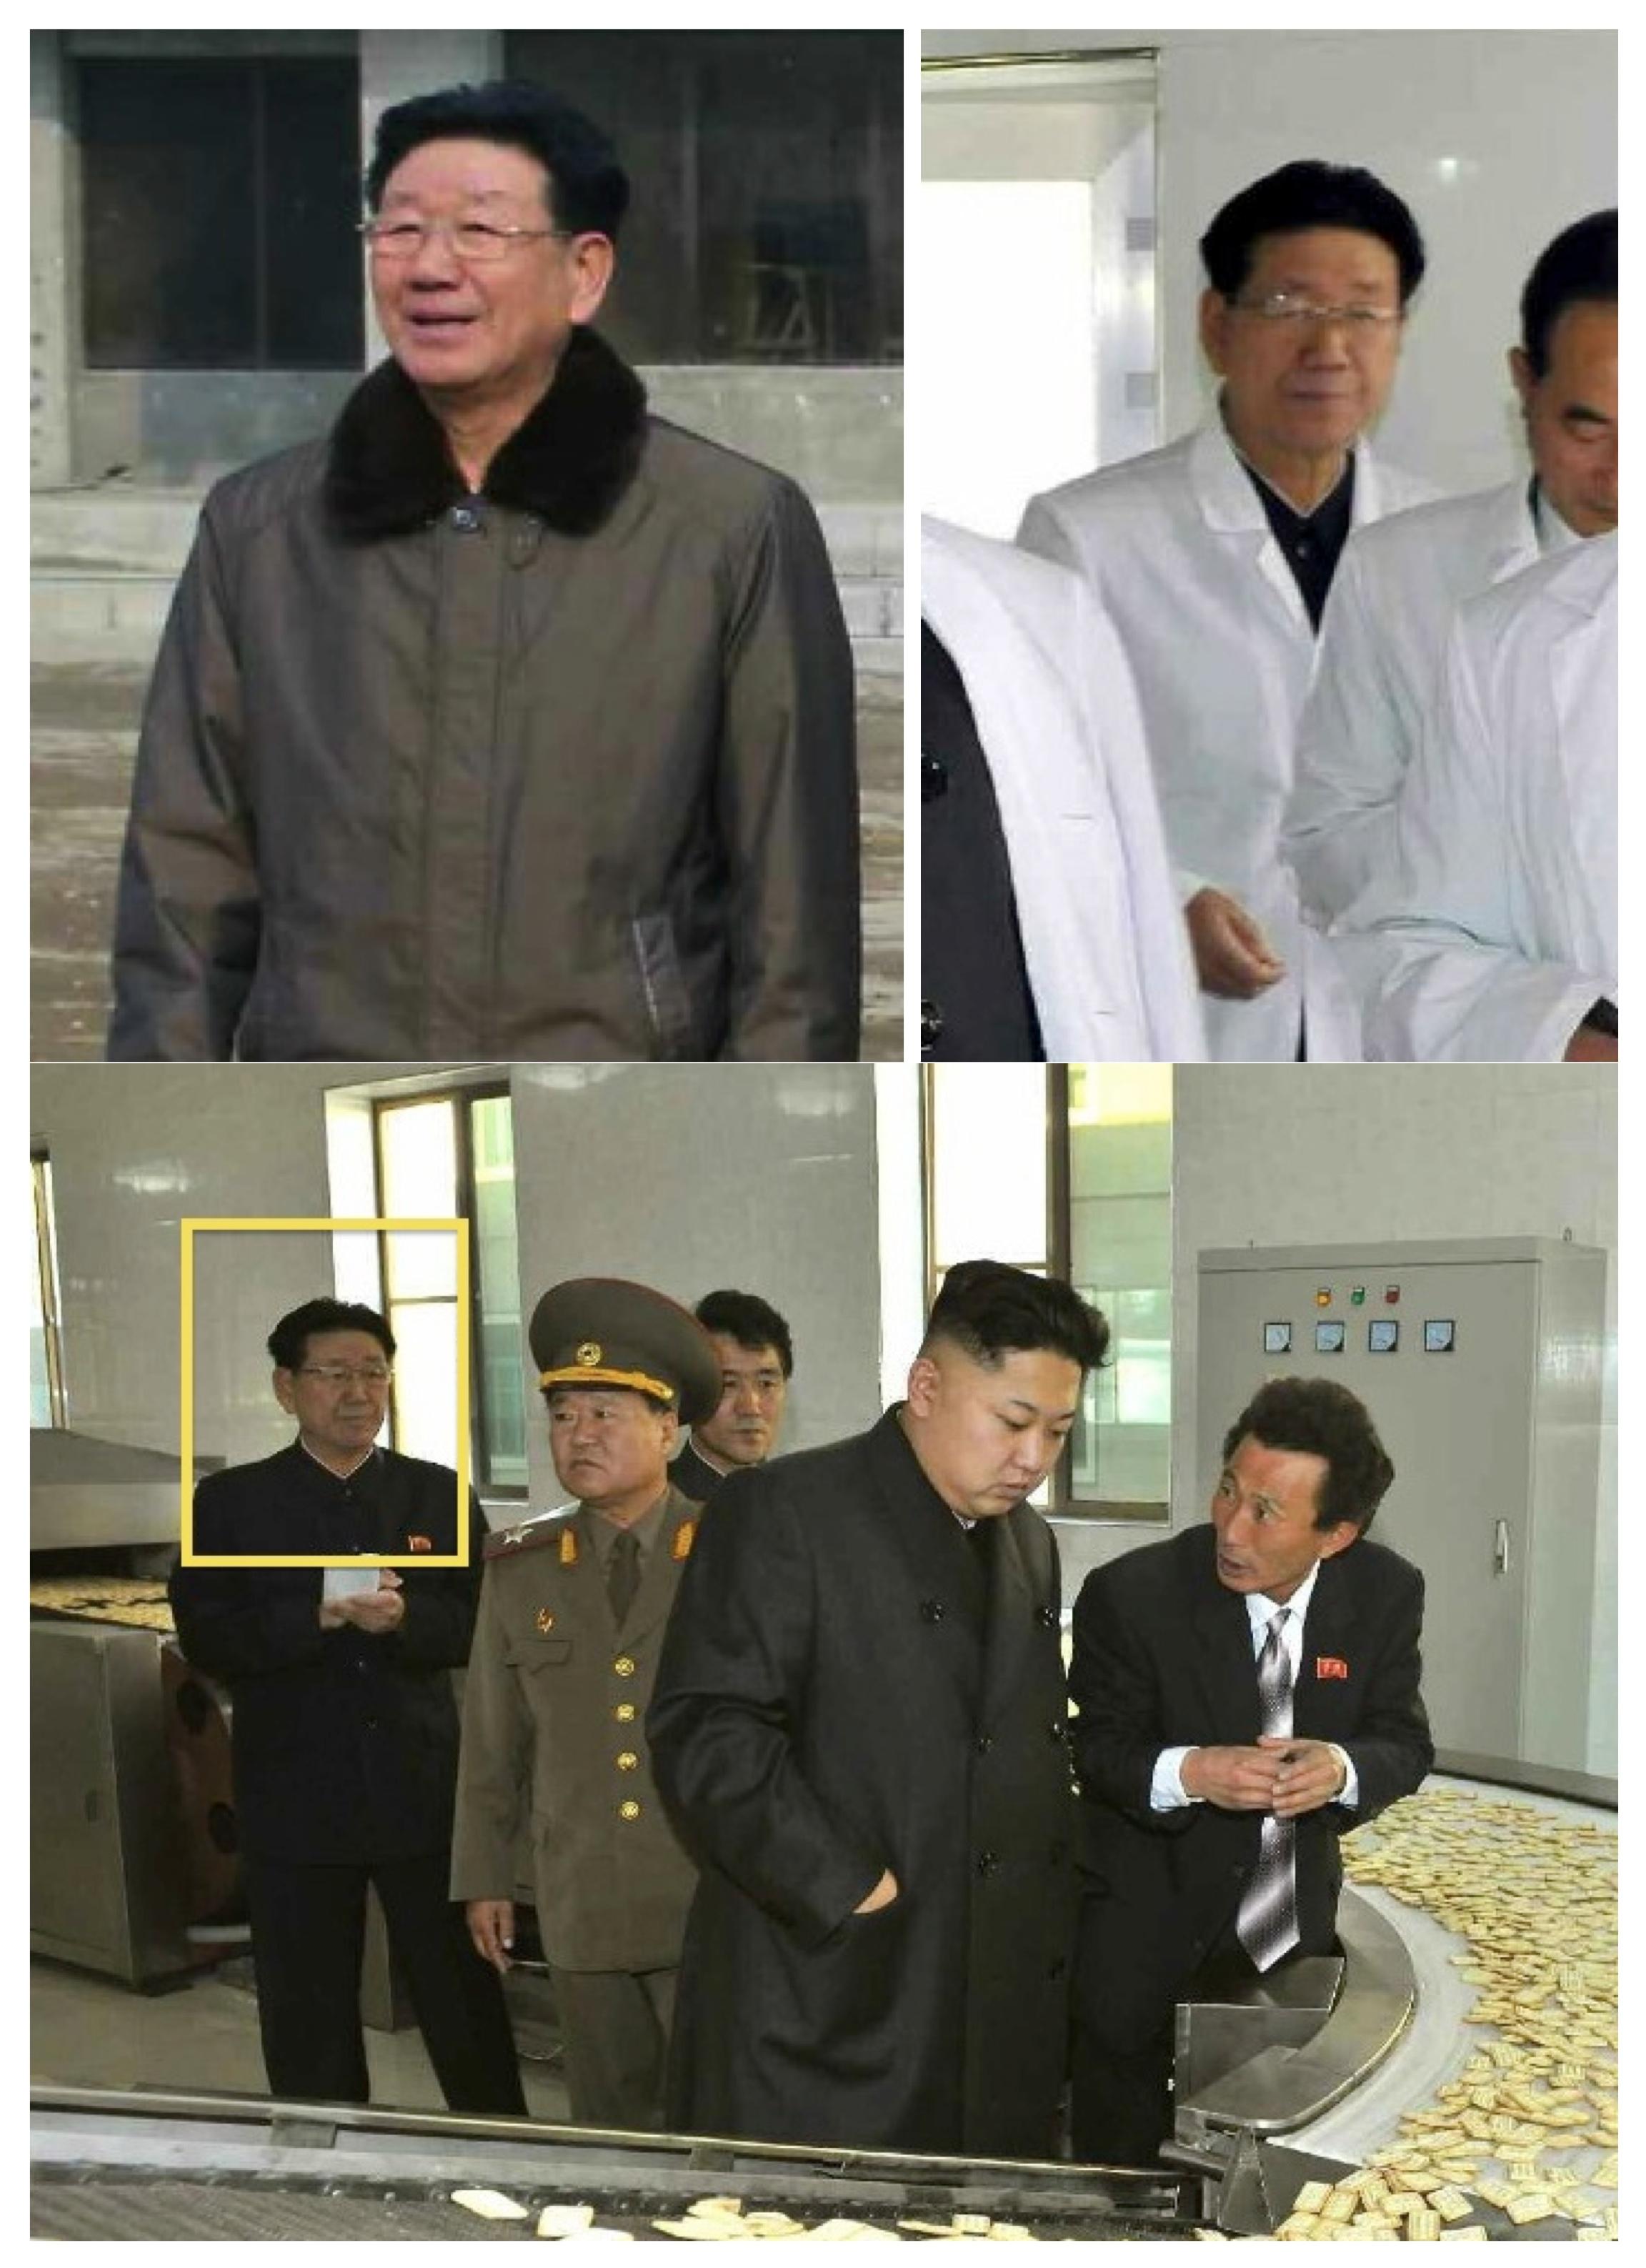 Hwang Pyong So